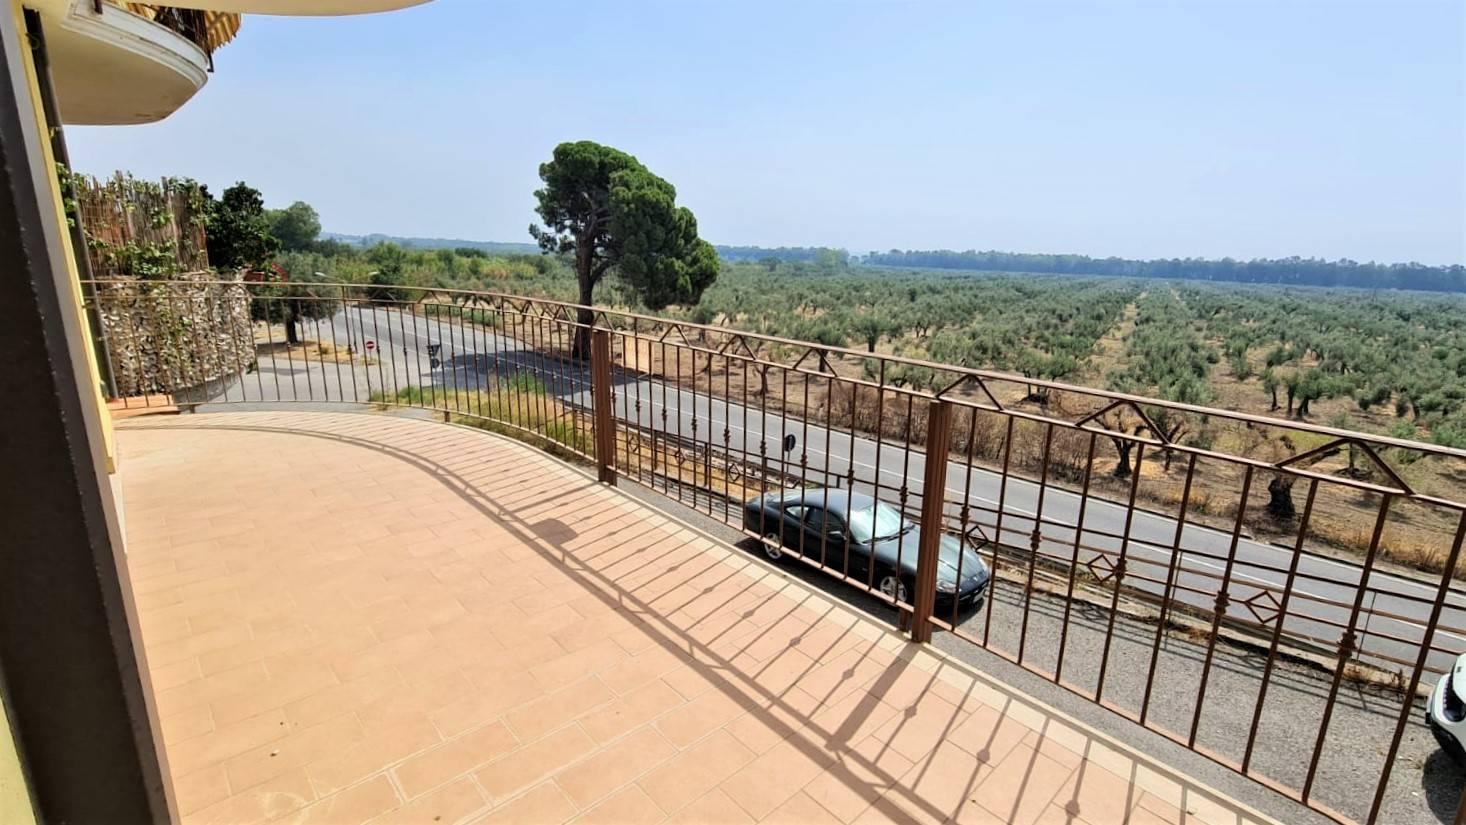 Appartamento in vendita a Squillace, 3 locali, zona Località: SQUILLACE LIDO, prezzo € 92.000   PortaleAgenzieImmobiliari.it